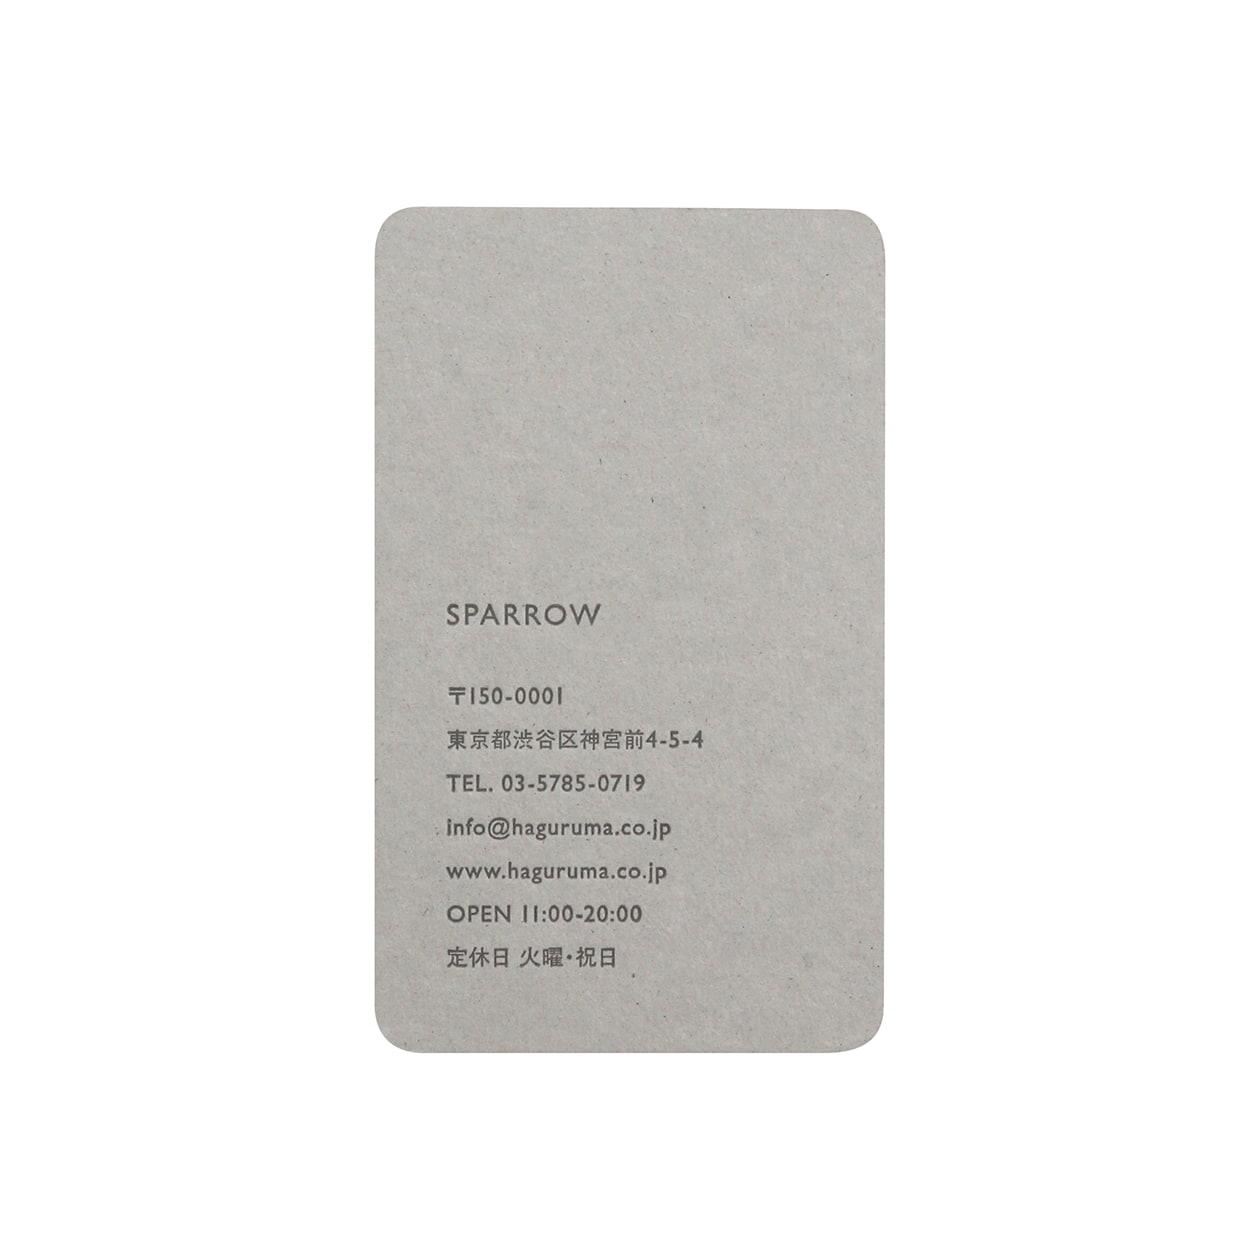 サンプル カード・シート 00230